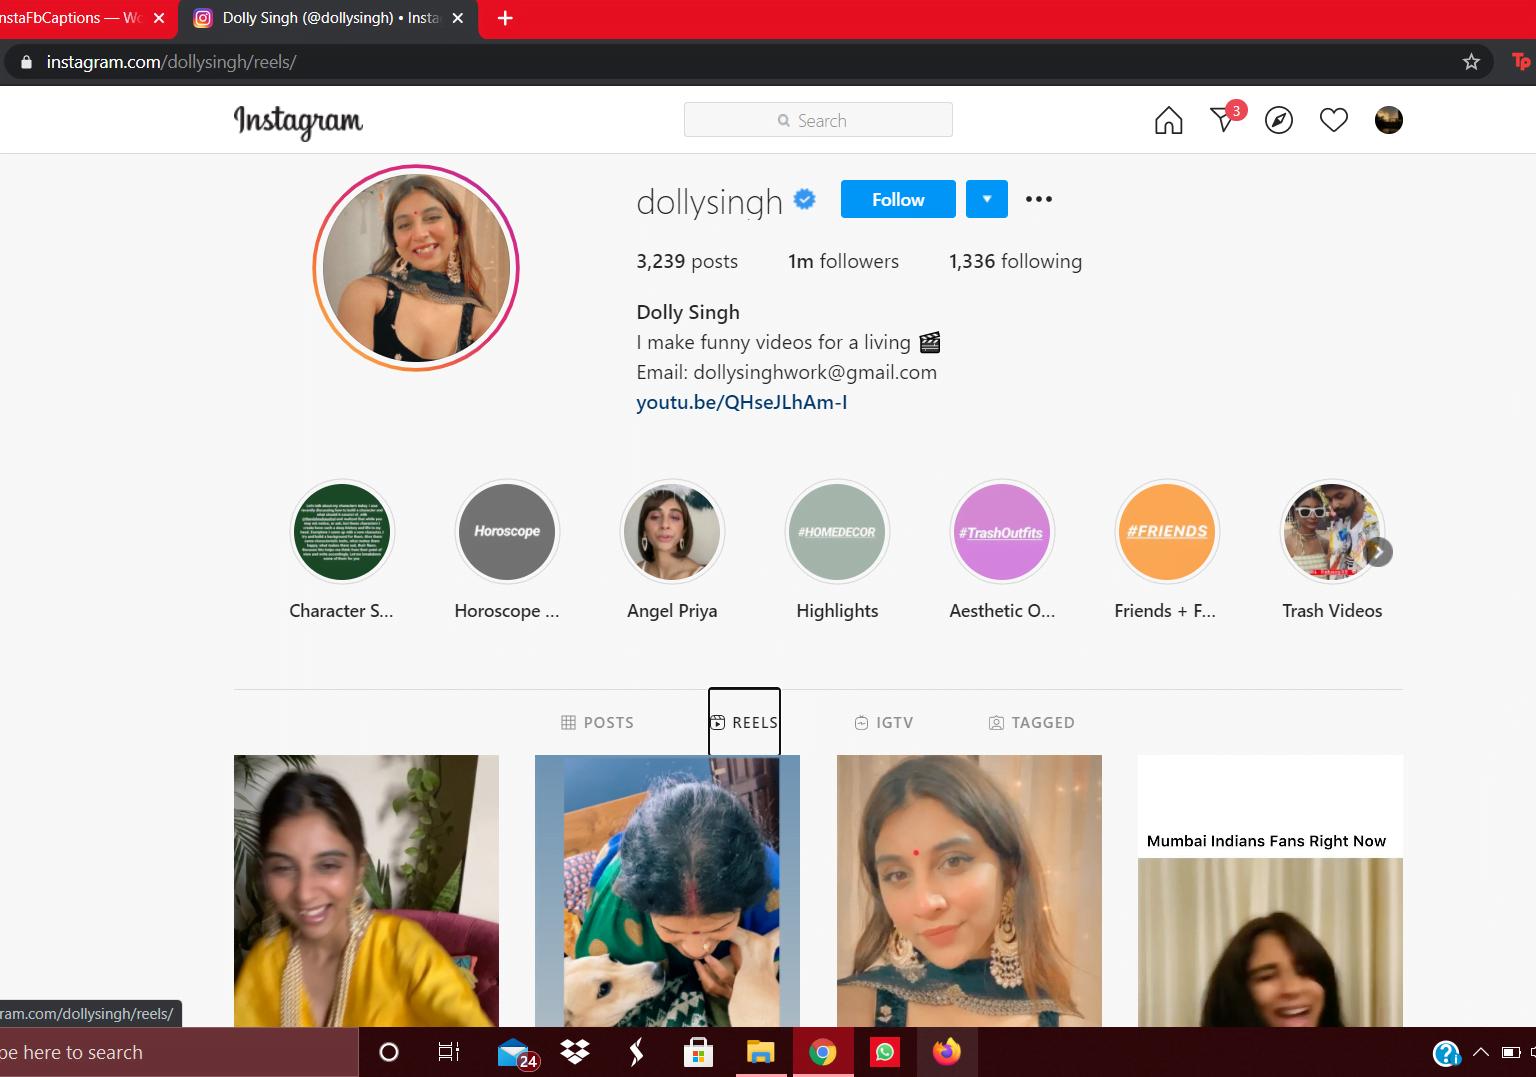 Laptop Reels  - Laptop Reels 1 - How To Watch Reels On Instagram?